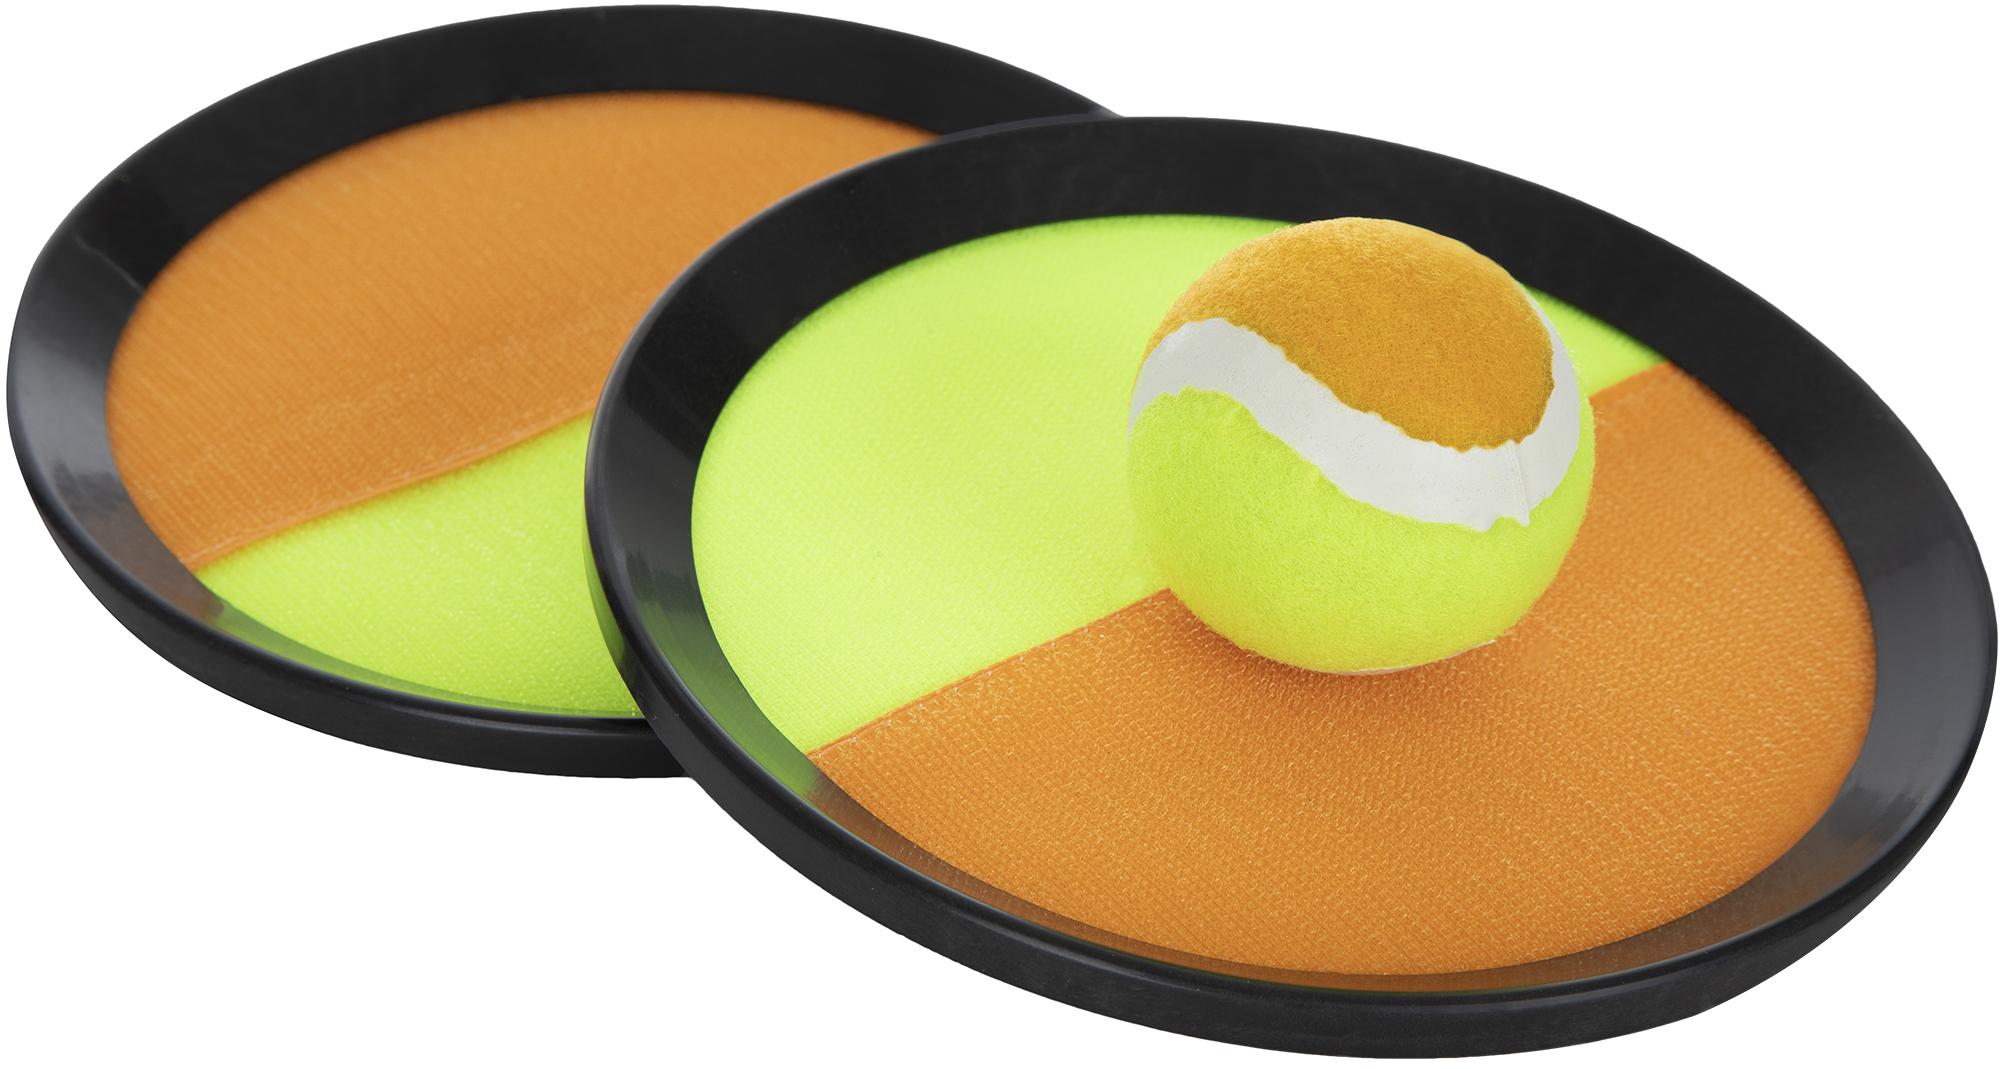 Torneo Набор: тарелки-ловушки и мяч Torneo цена